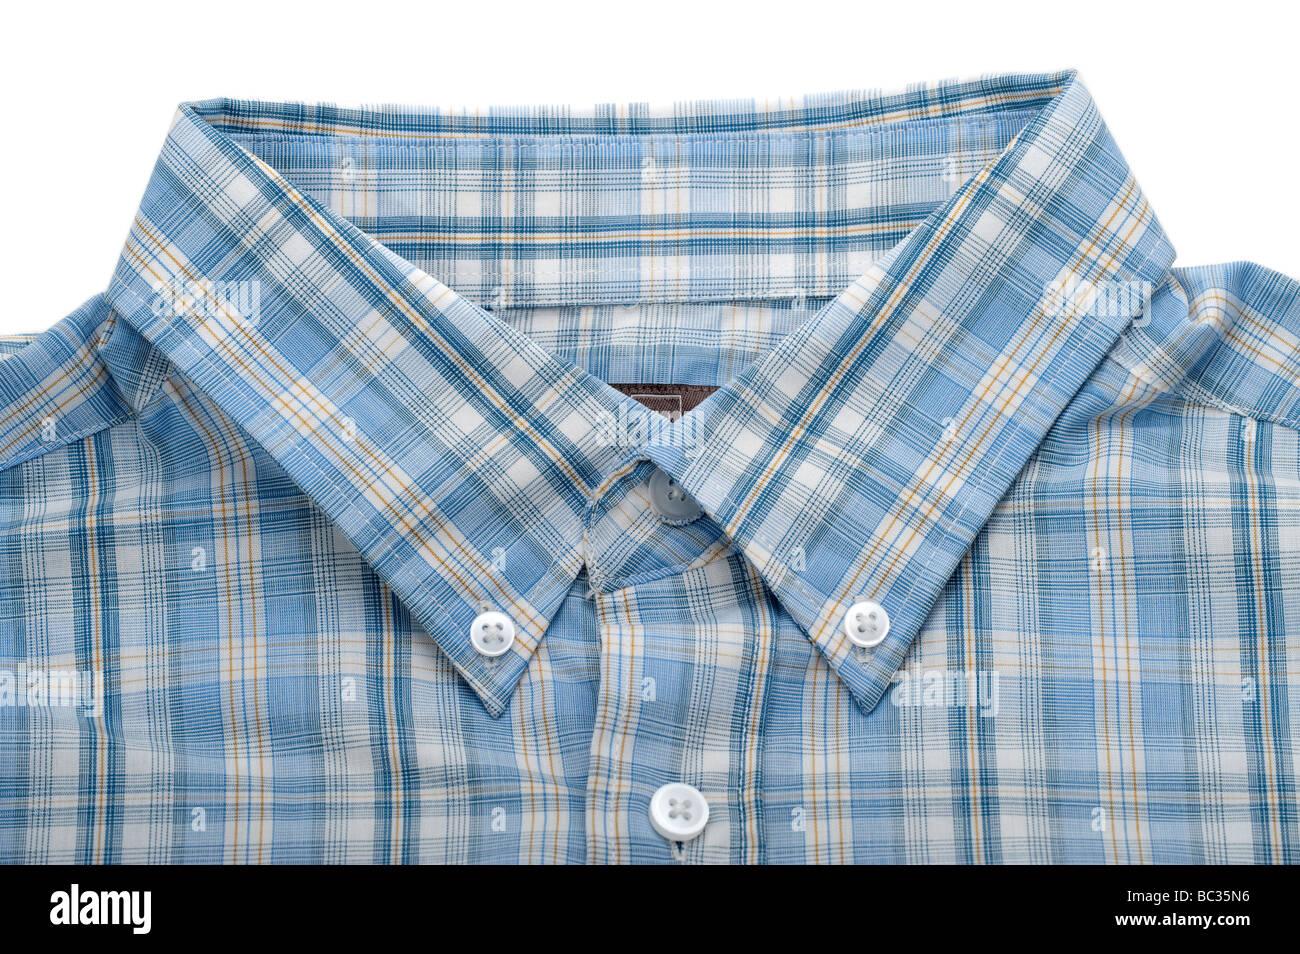 Hemd Zugeknöpft Stockfotos & Hemd Zugeknöpft Bilder Alamy